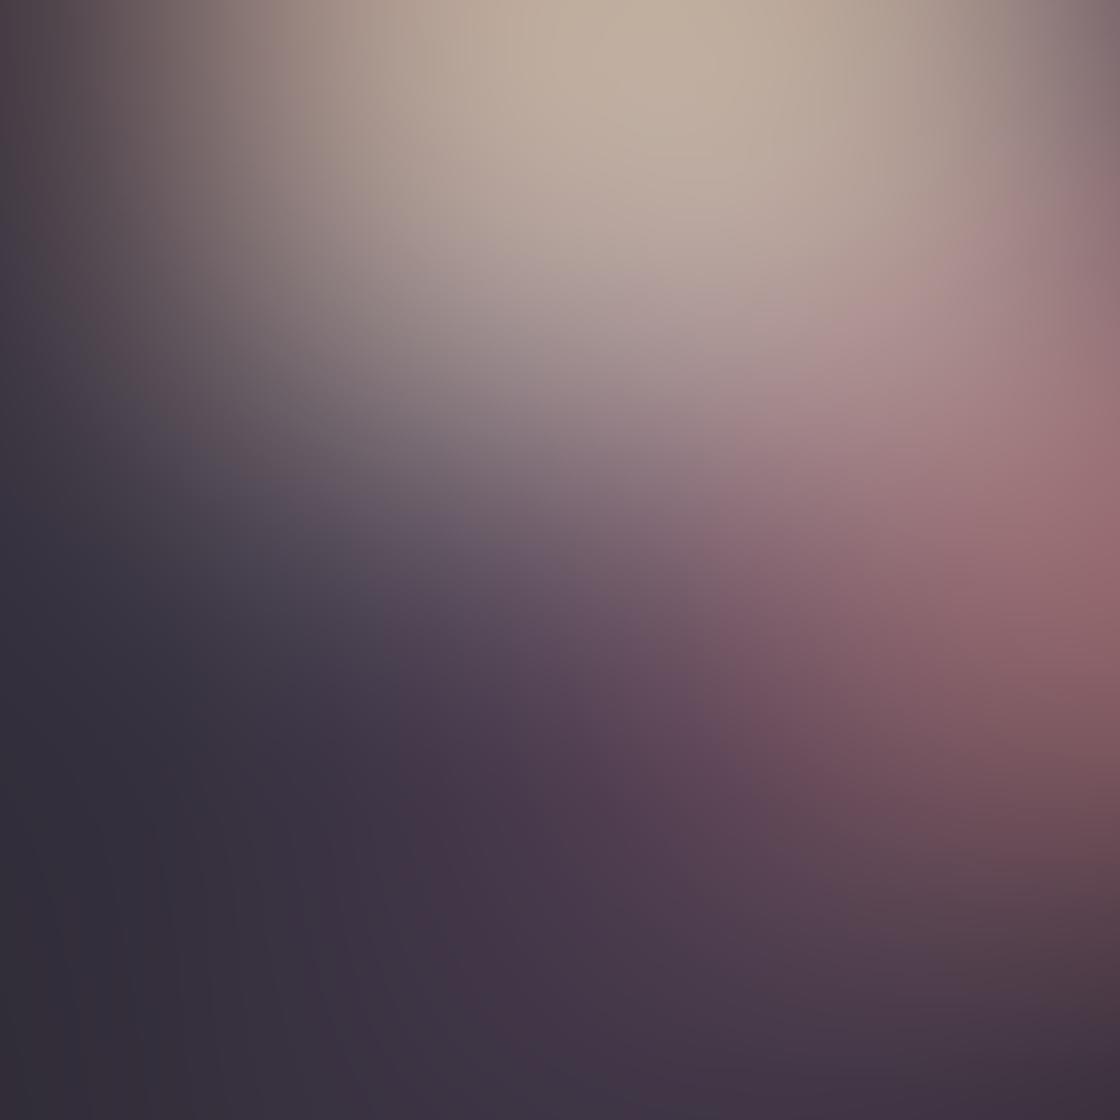 iPhone Empty Space Photo 4